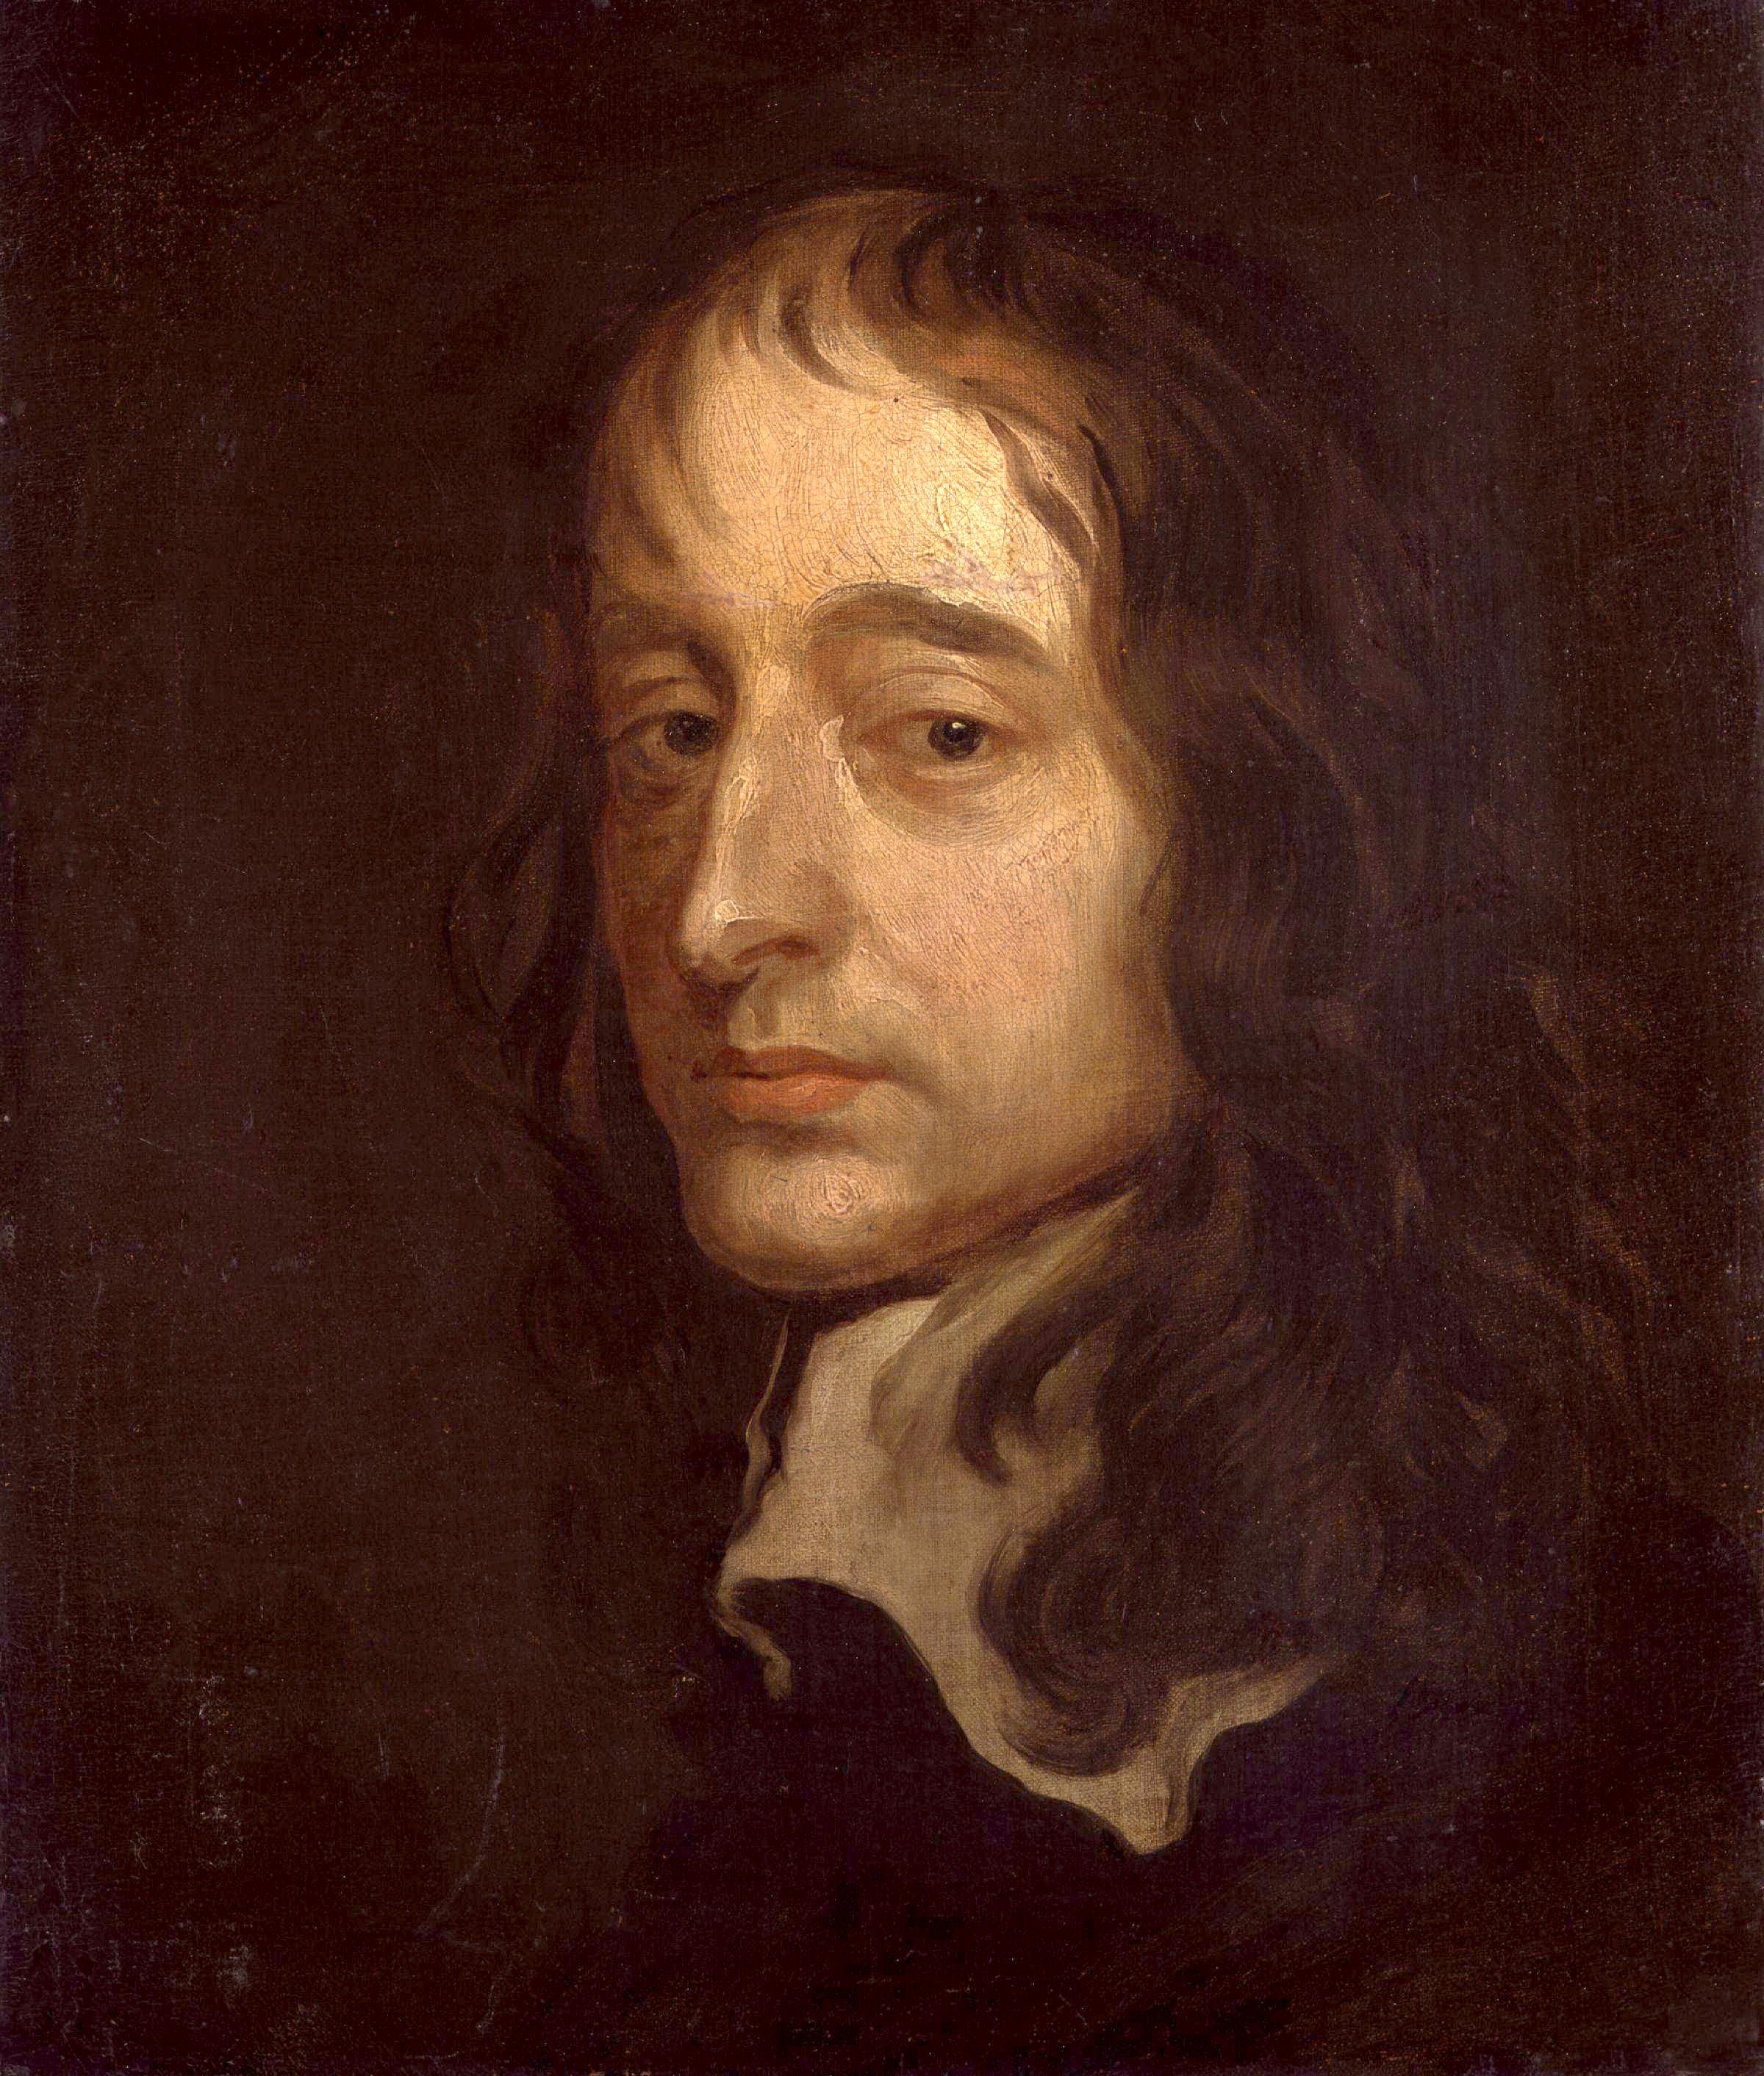 John Selden: portrait by an unknown artist